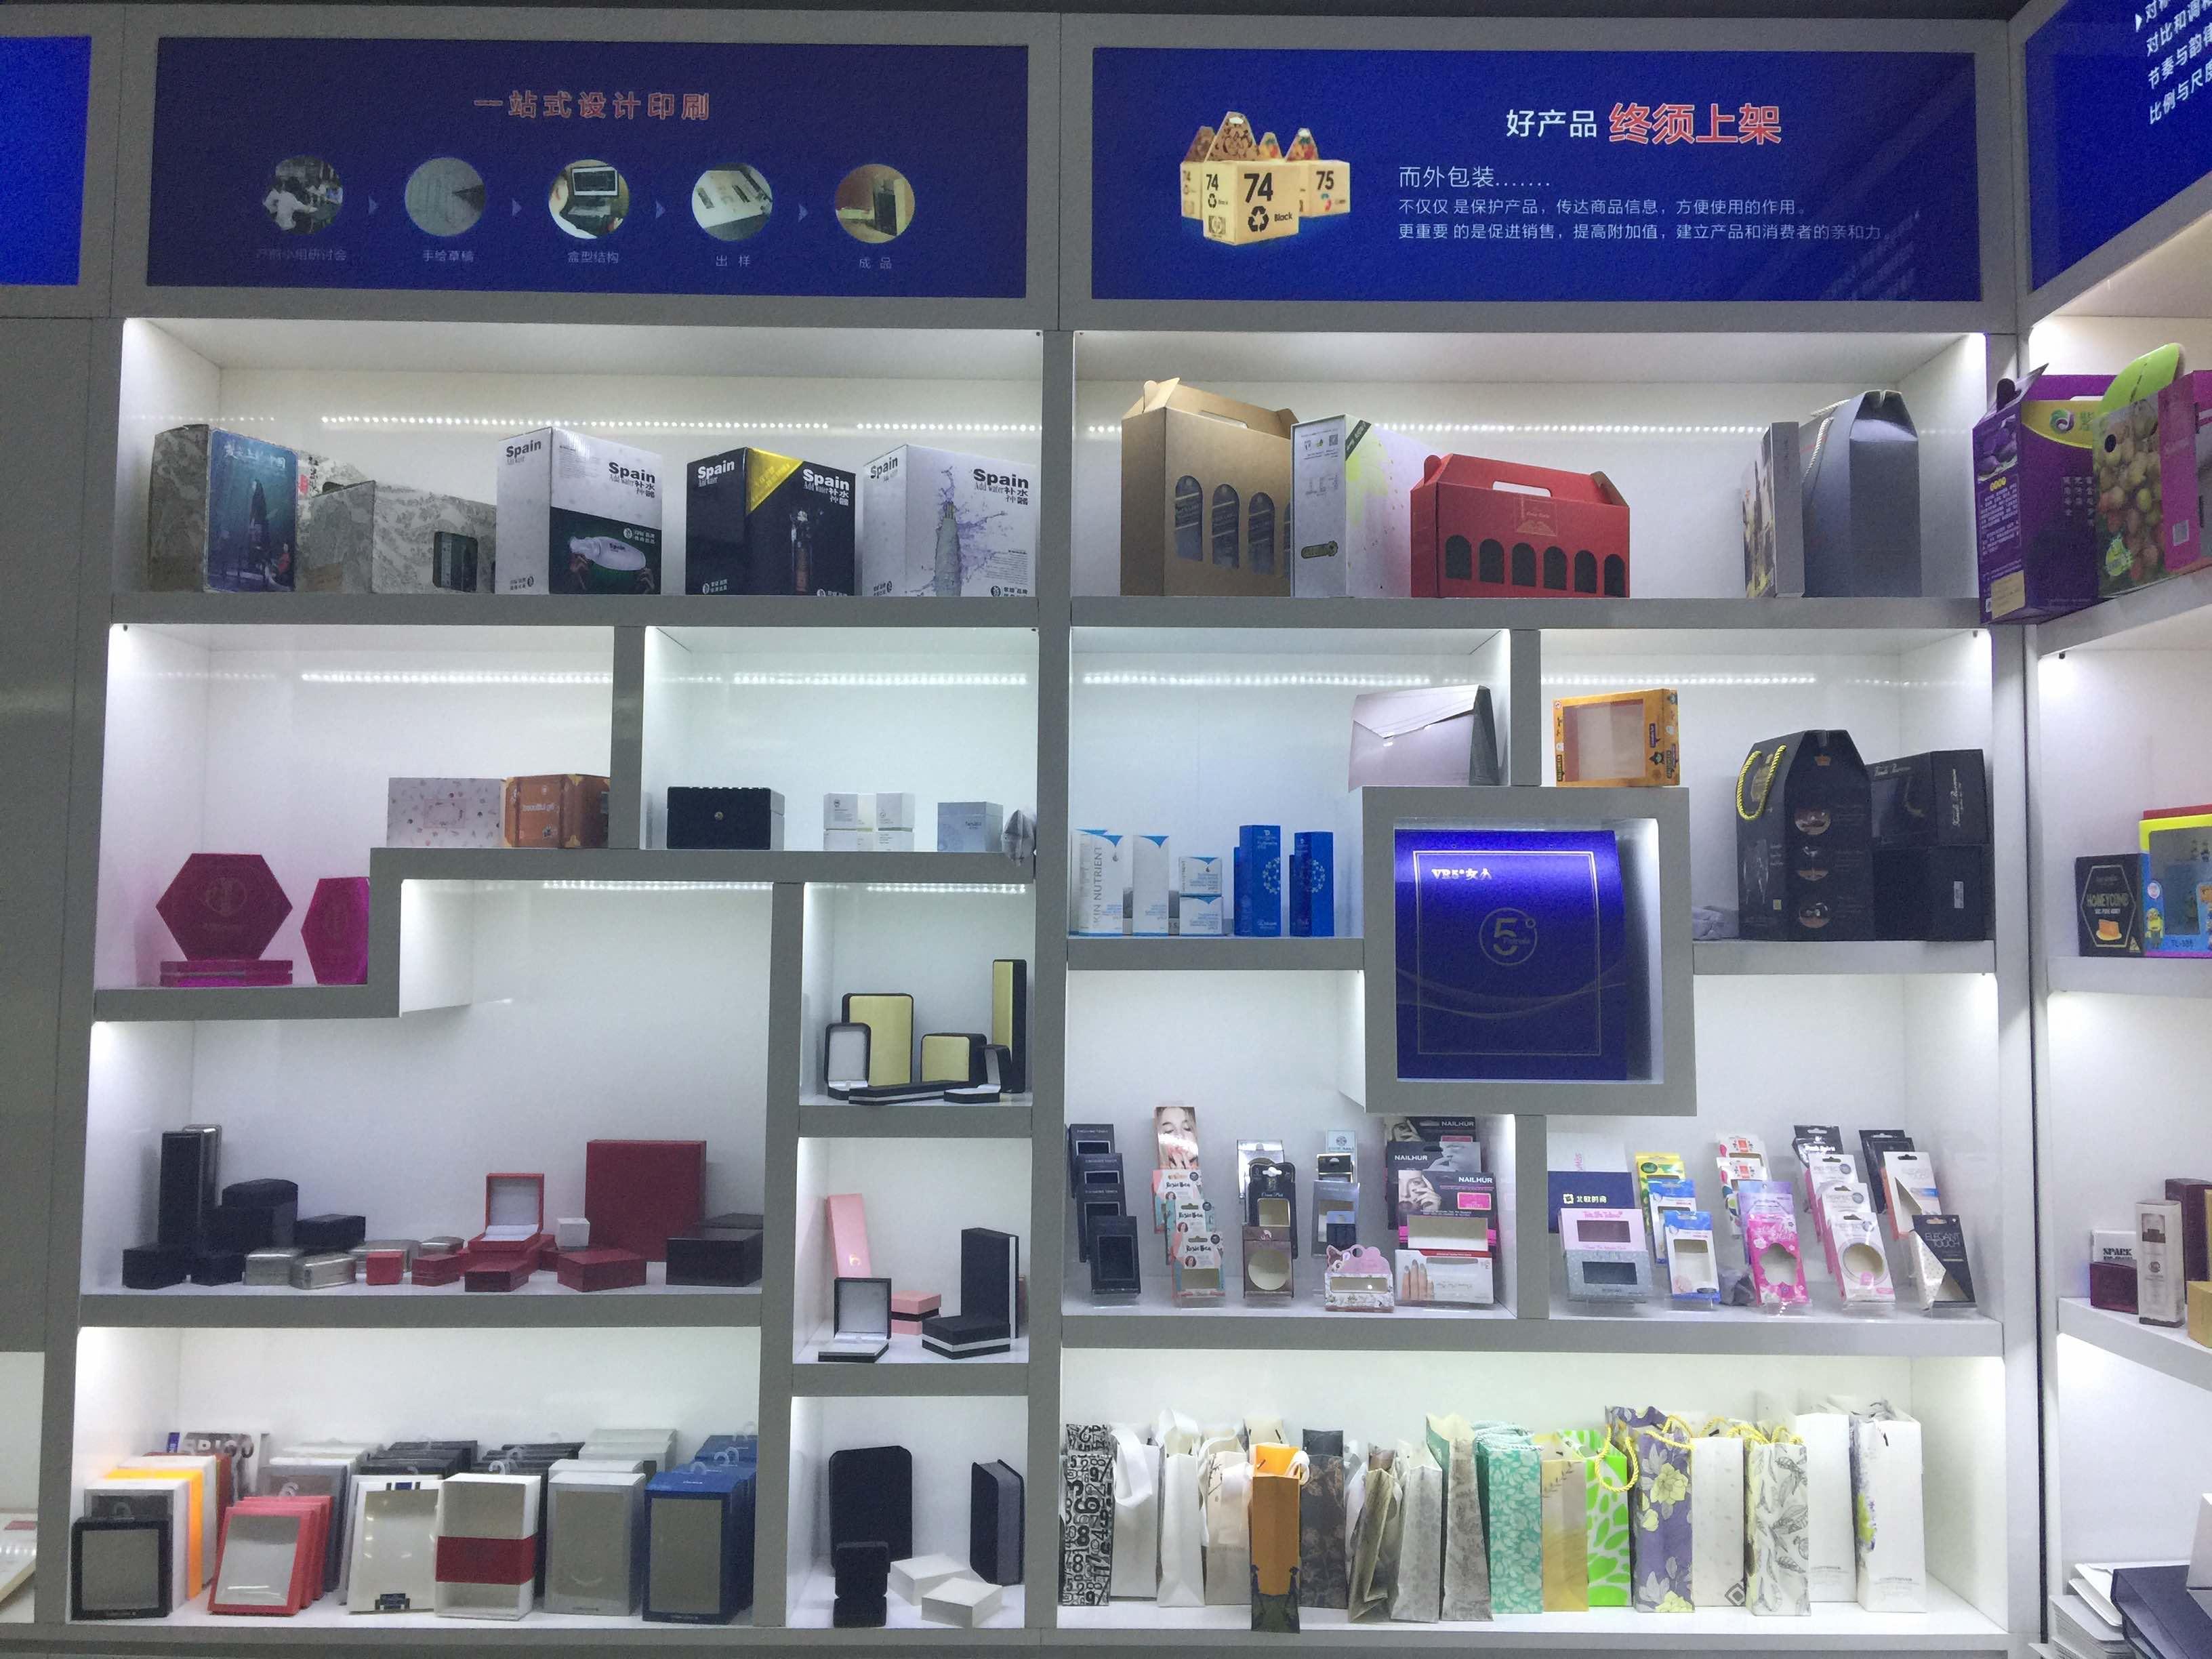 全媒体背景下的印刷媒体-济南尚邦佳品包装制品有限公司